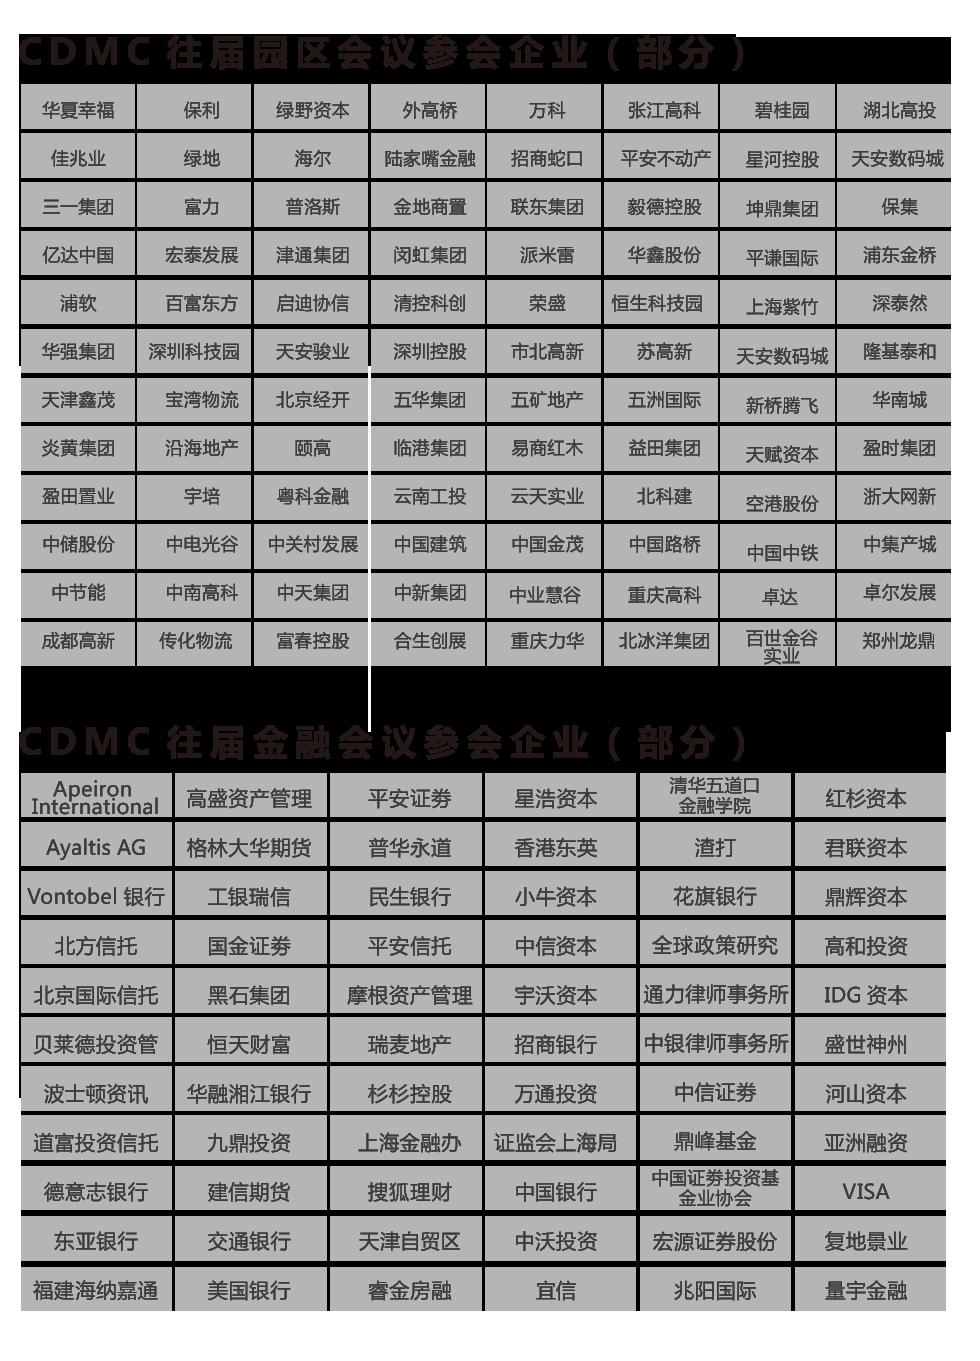 2017中国经营性不动产金融创新峰会